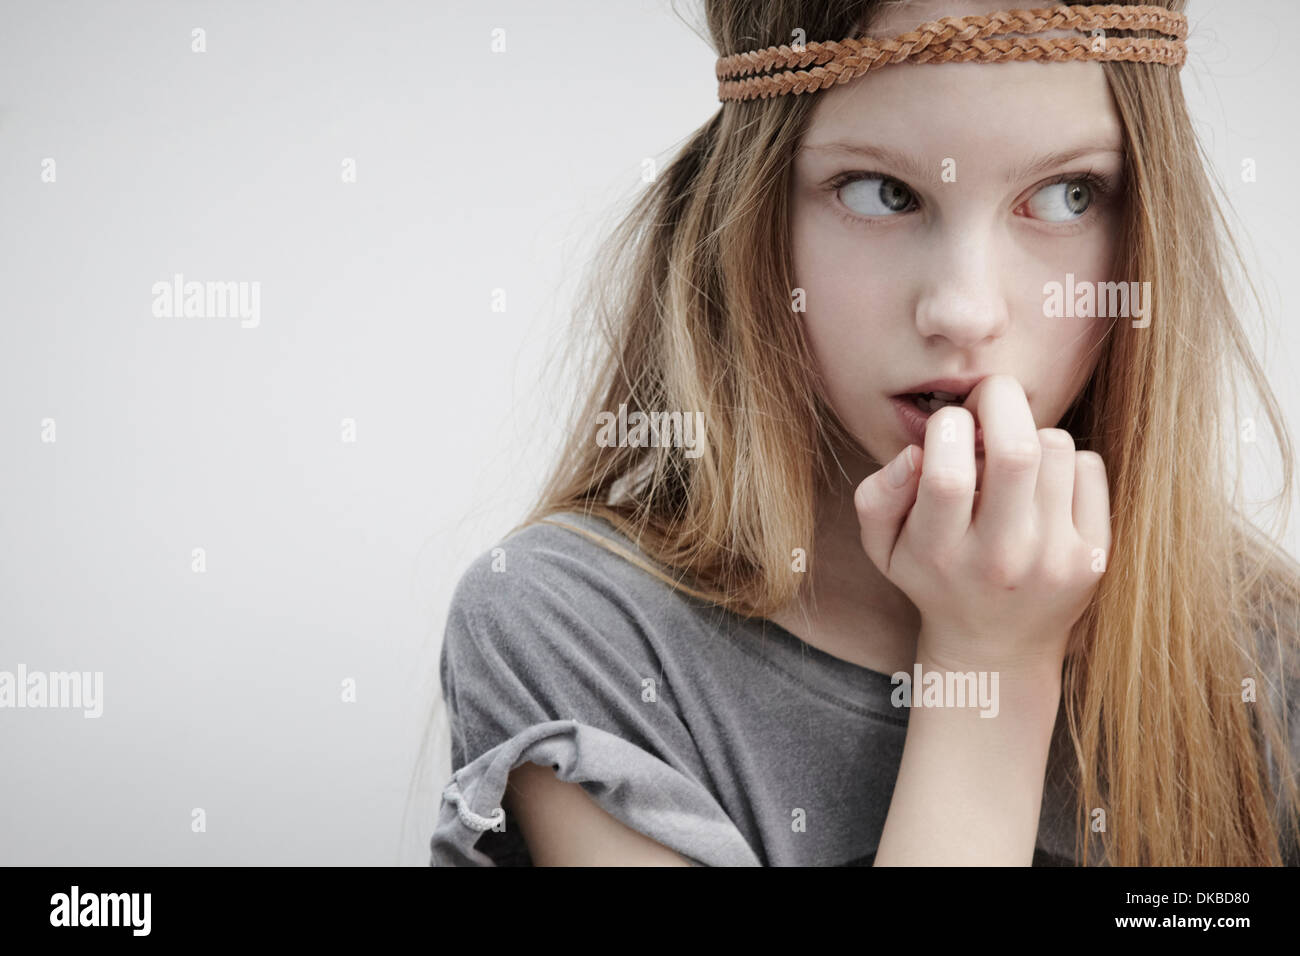 Porträt von Mädchen tragen Leder Geflecht um Kopf, Feder, Finger im Mund halten Stockbild